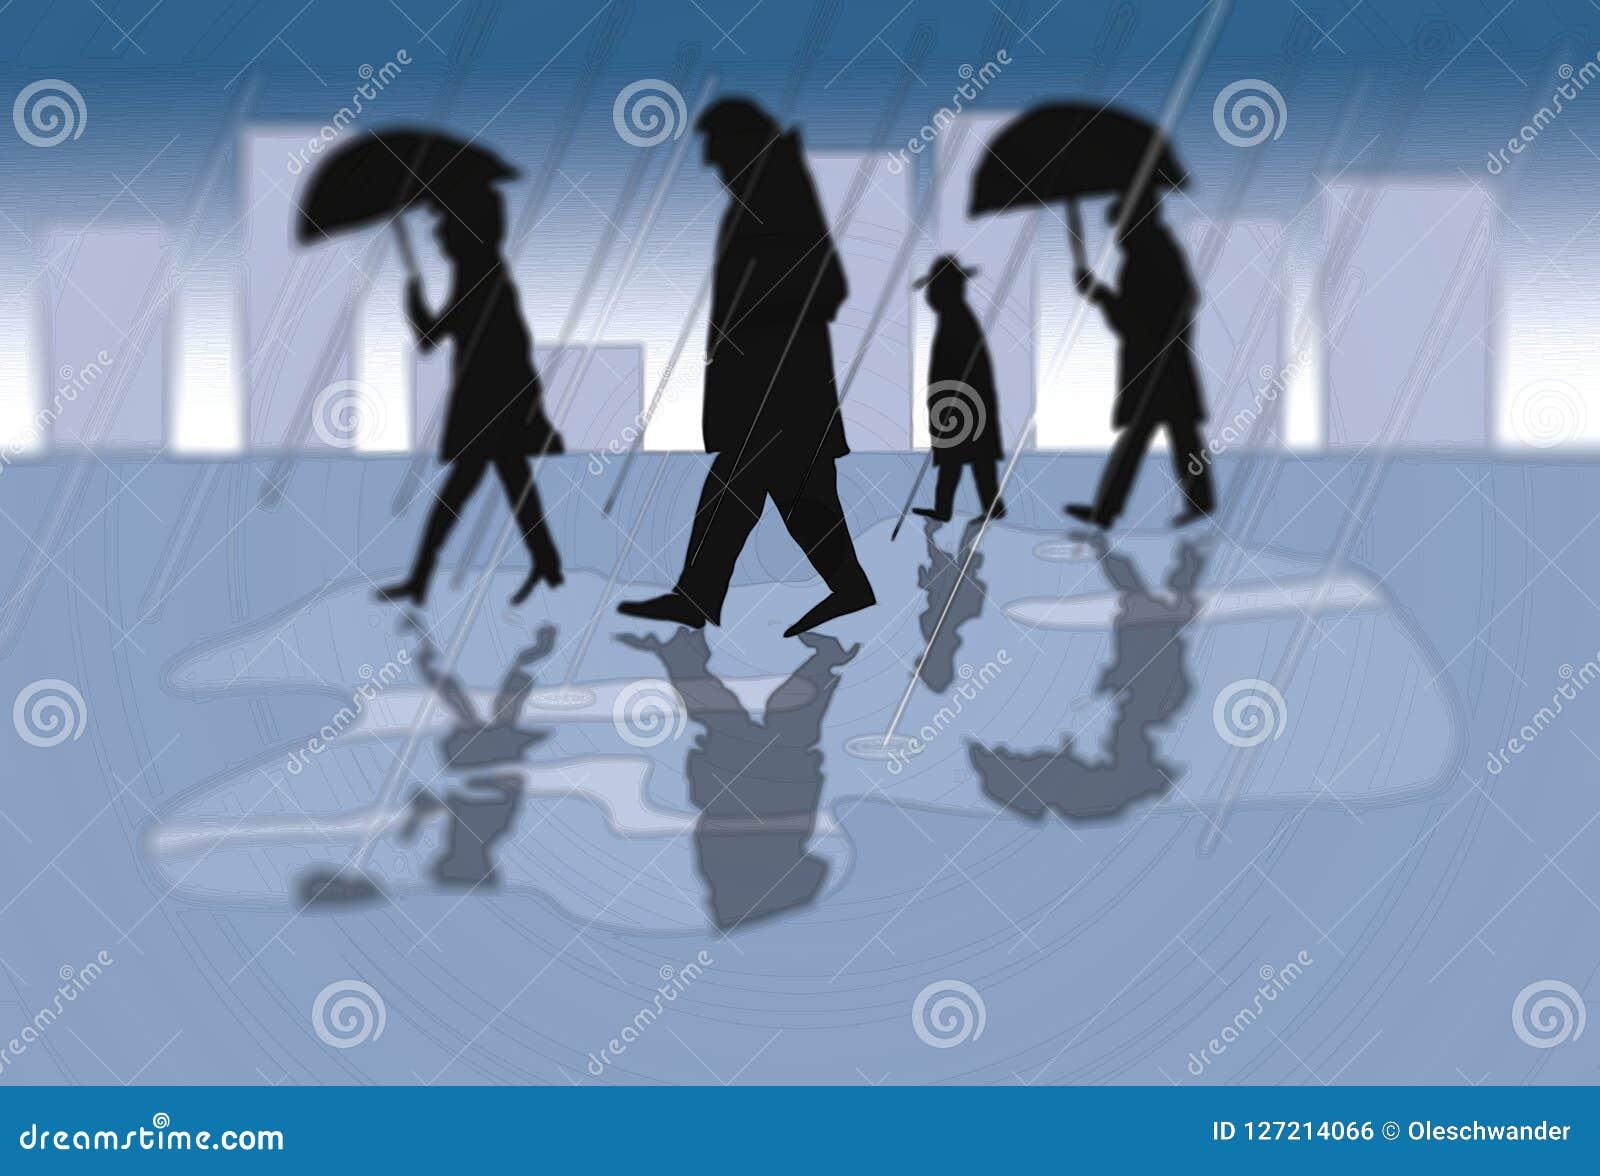 La gente in una città un giorno piovoso - illustrazione nei colori blu sottomessi